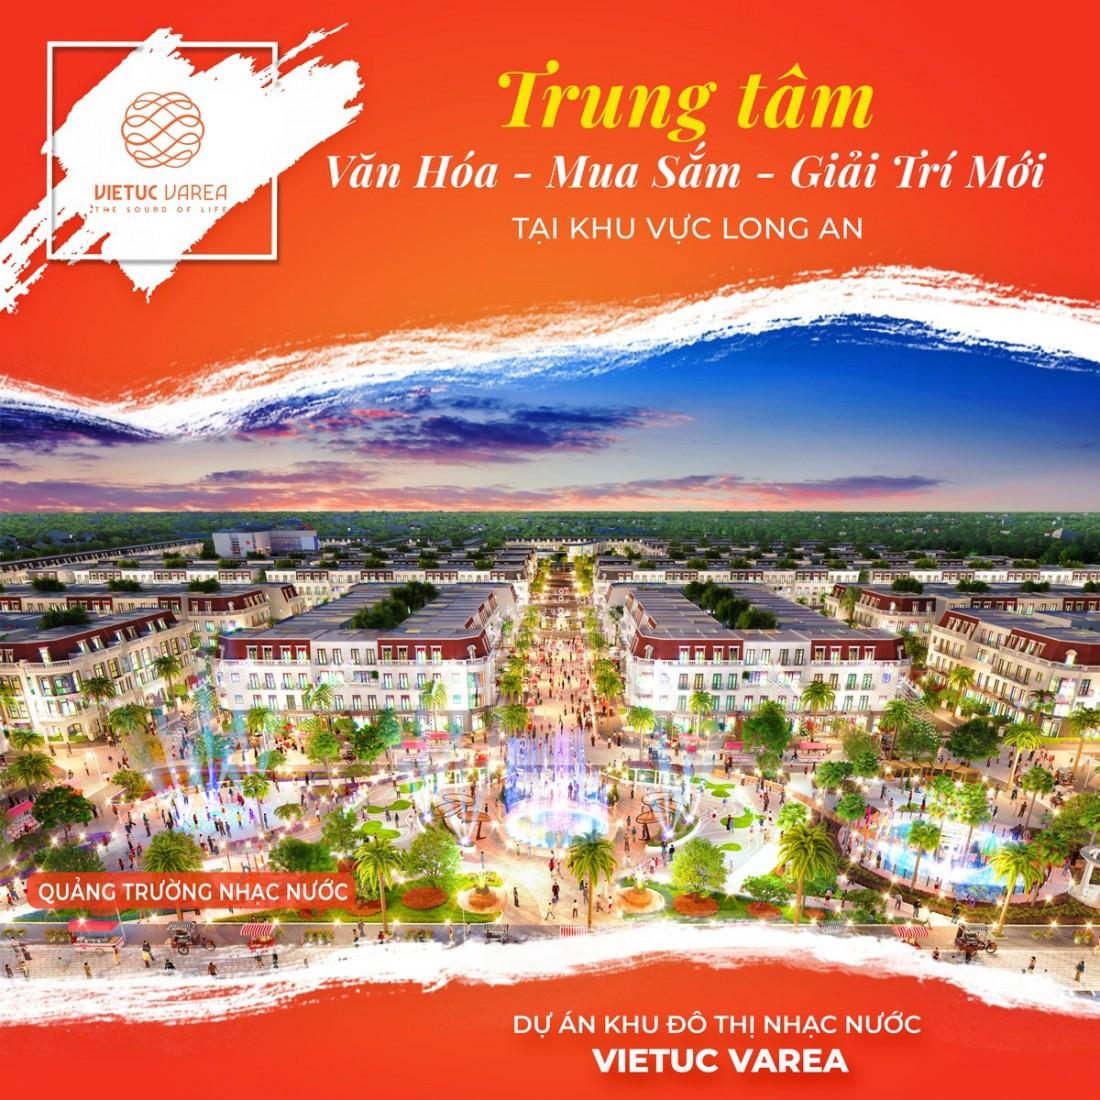 Phối cảnh quảng trường nhạc nước Khu đô thị Nhạc nước Việt Úc Varea